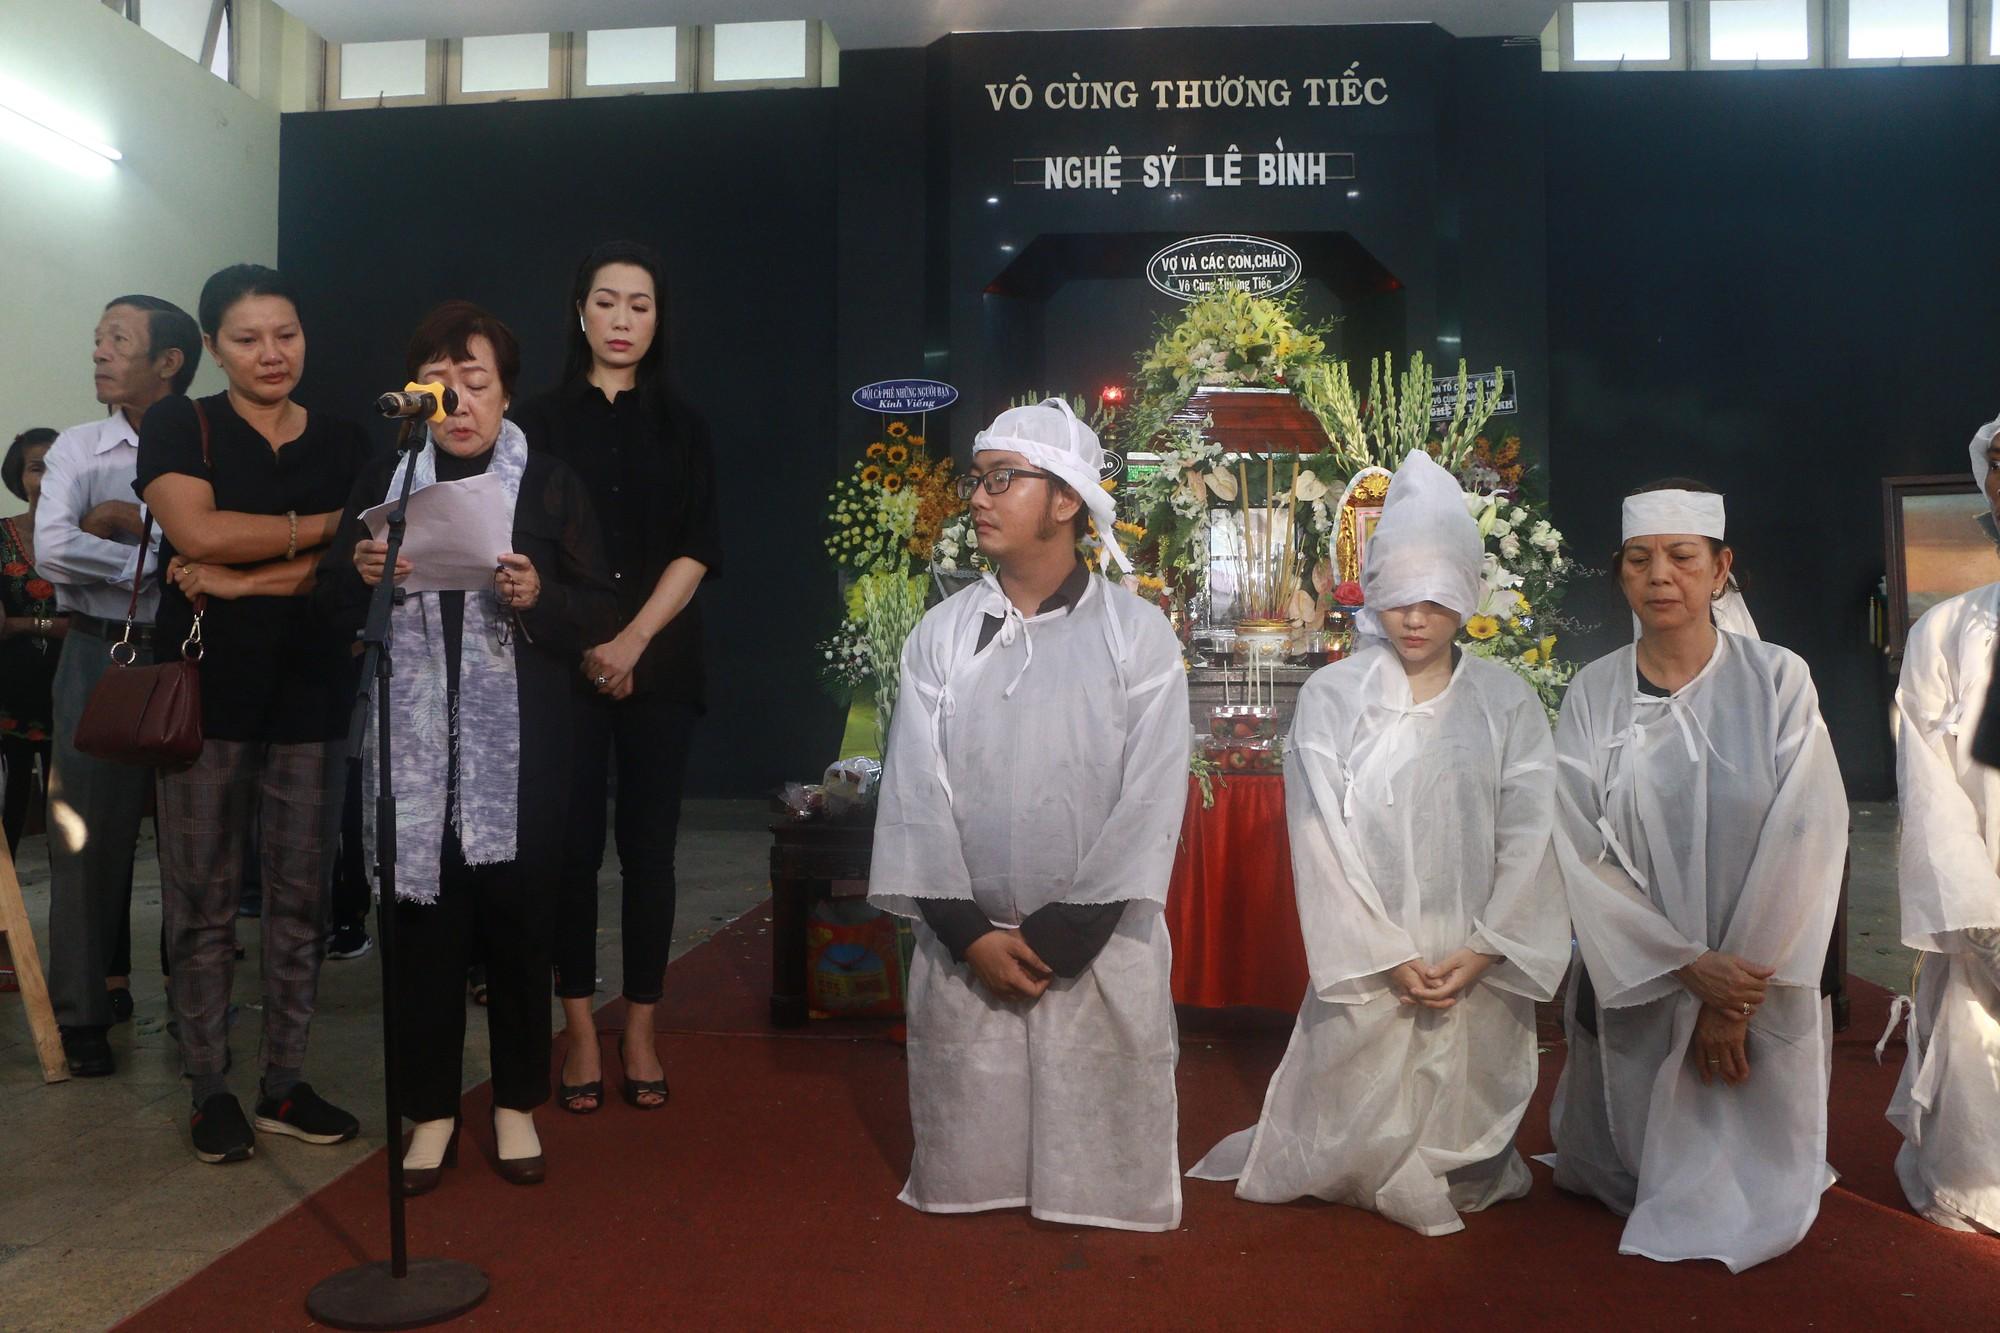 NSƯT Thành Lộc và nhiều đồng nghiệp nghẹn ngào đưa tiễn nghệ sĩ Lê Bình  - Ảnh 2.